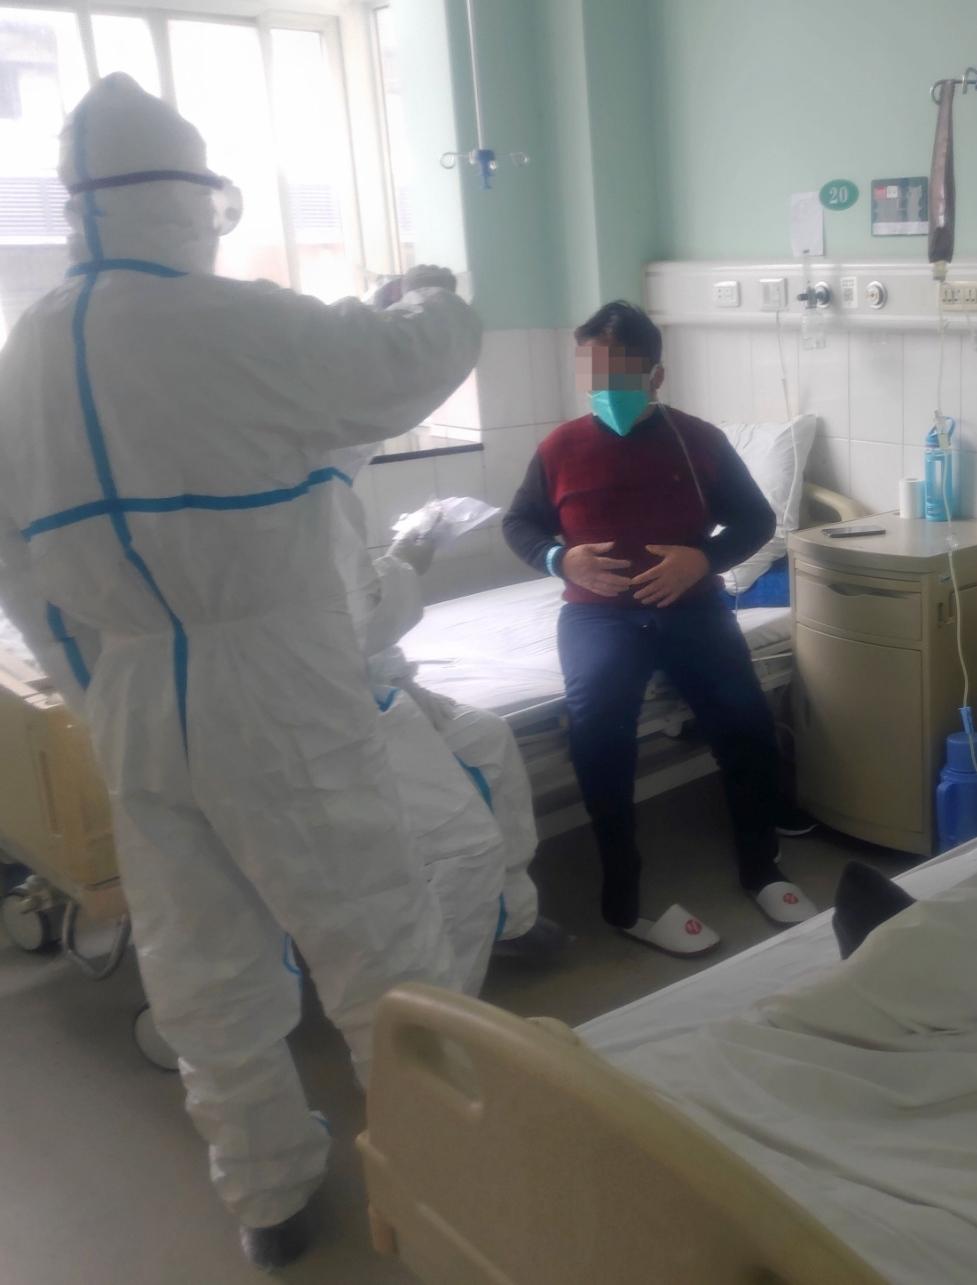 中南医院用ECMO救治新冠肺炎患者 当事人今日出院